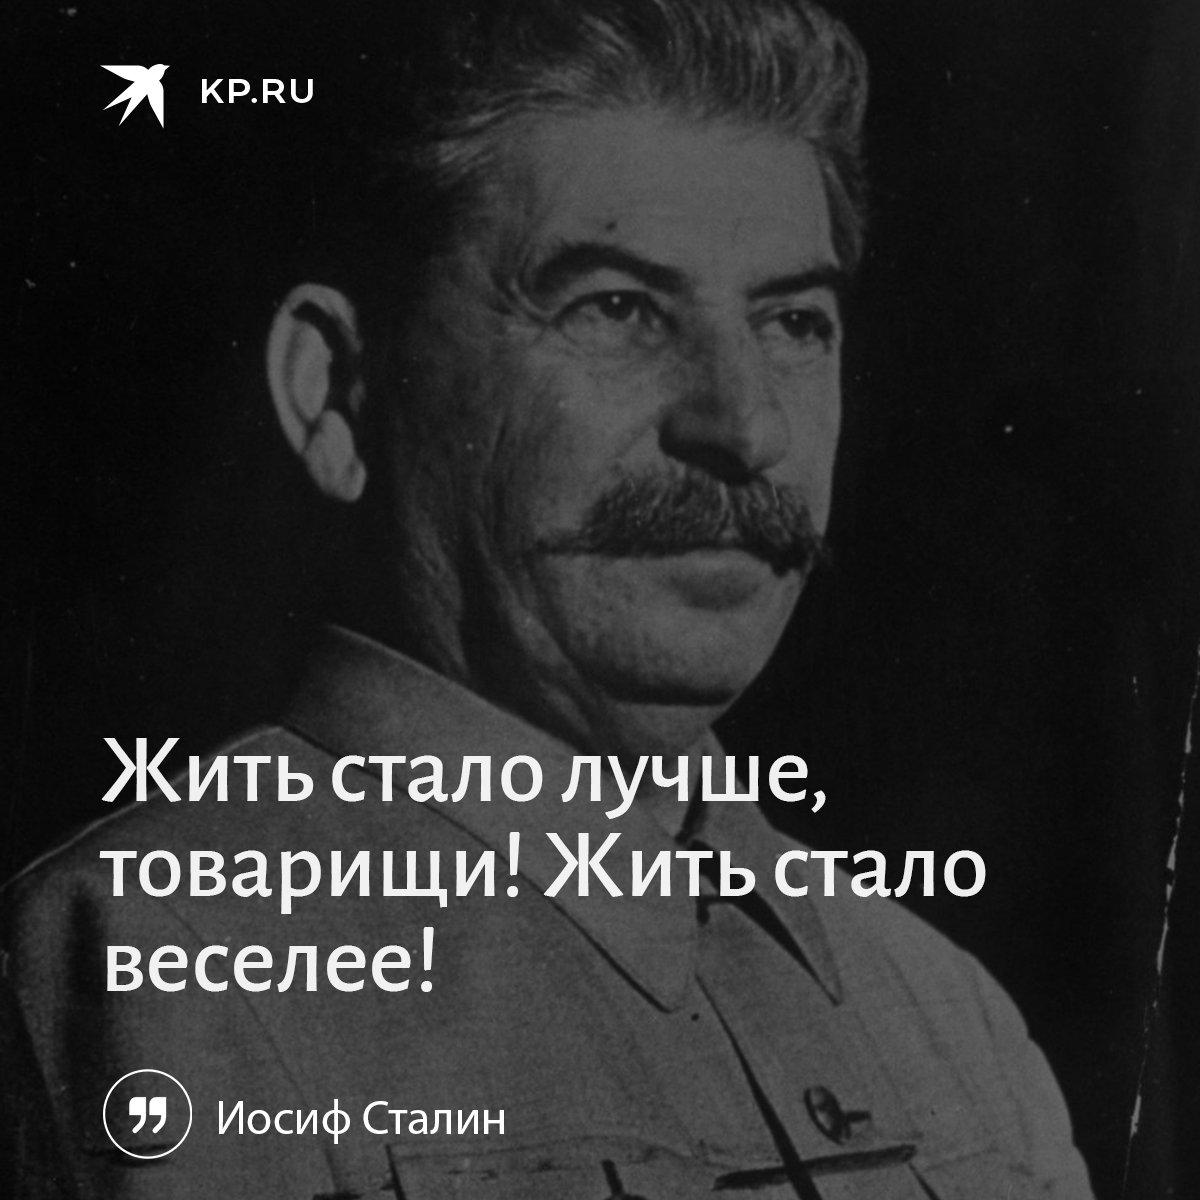 Иосиф виссарионович сталин демотиваторы